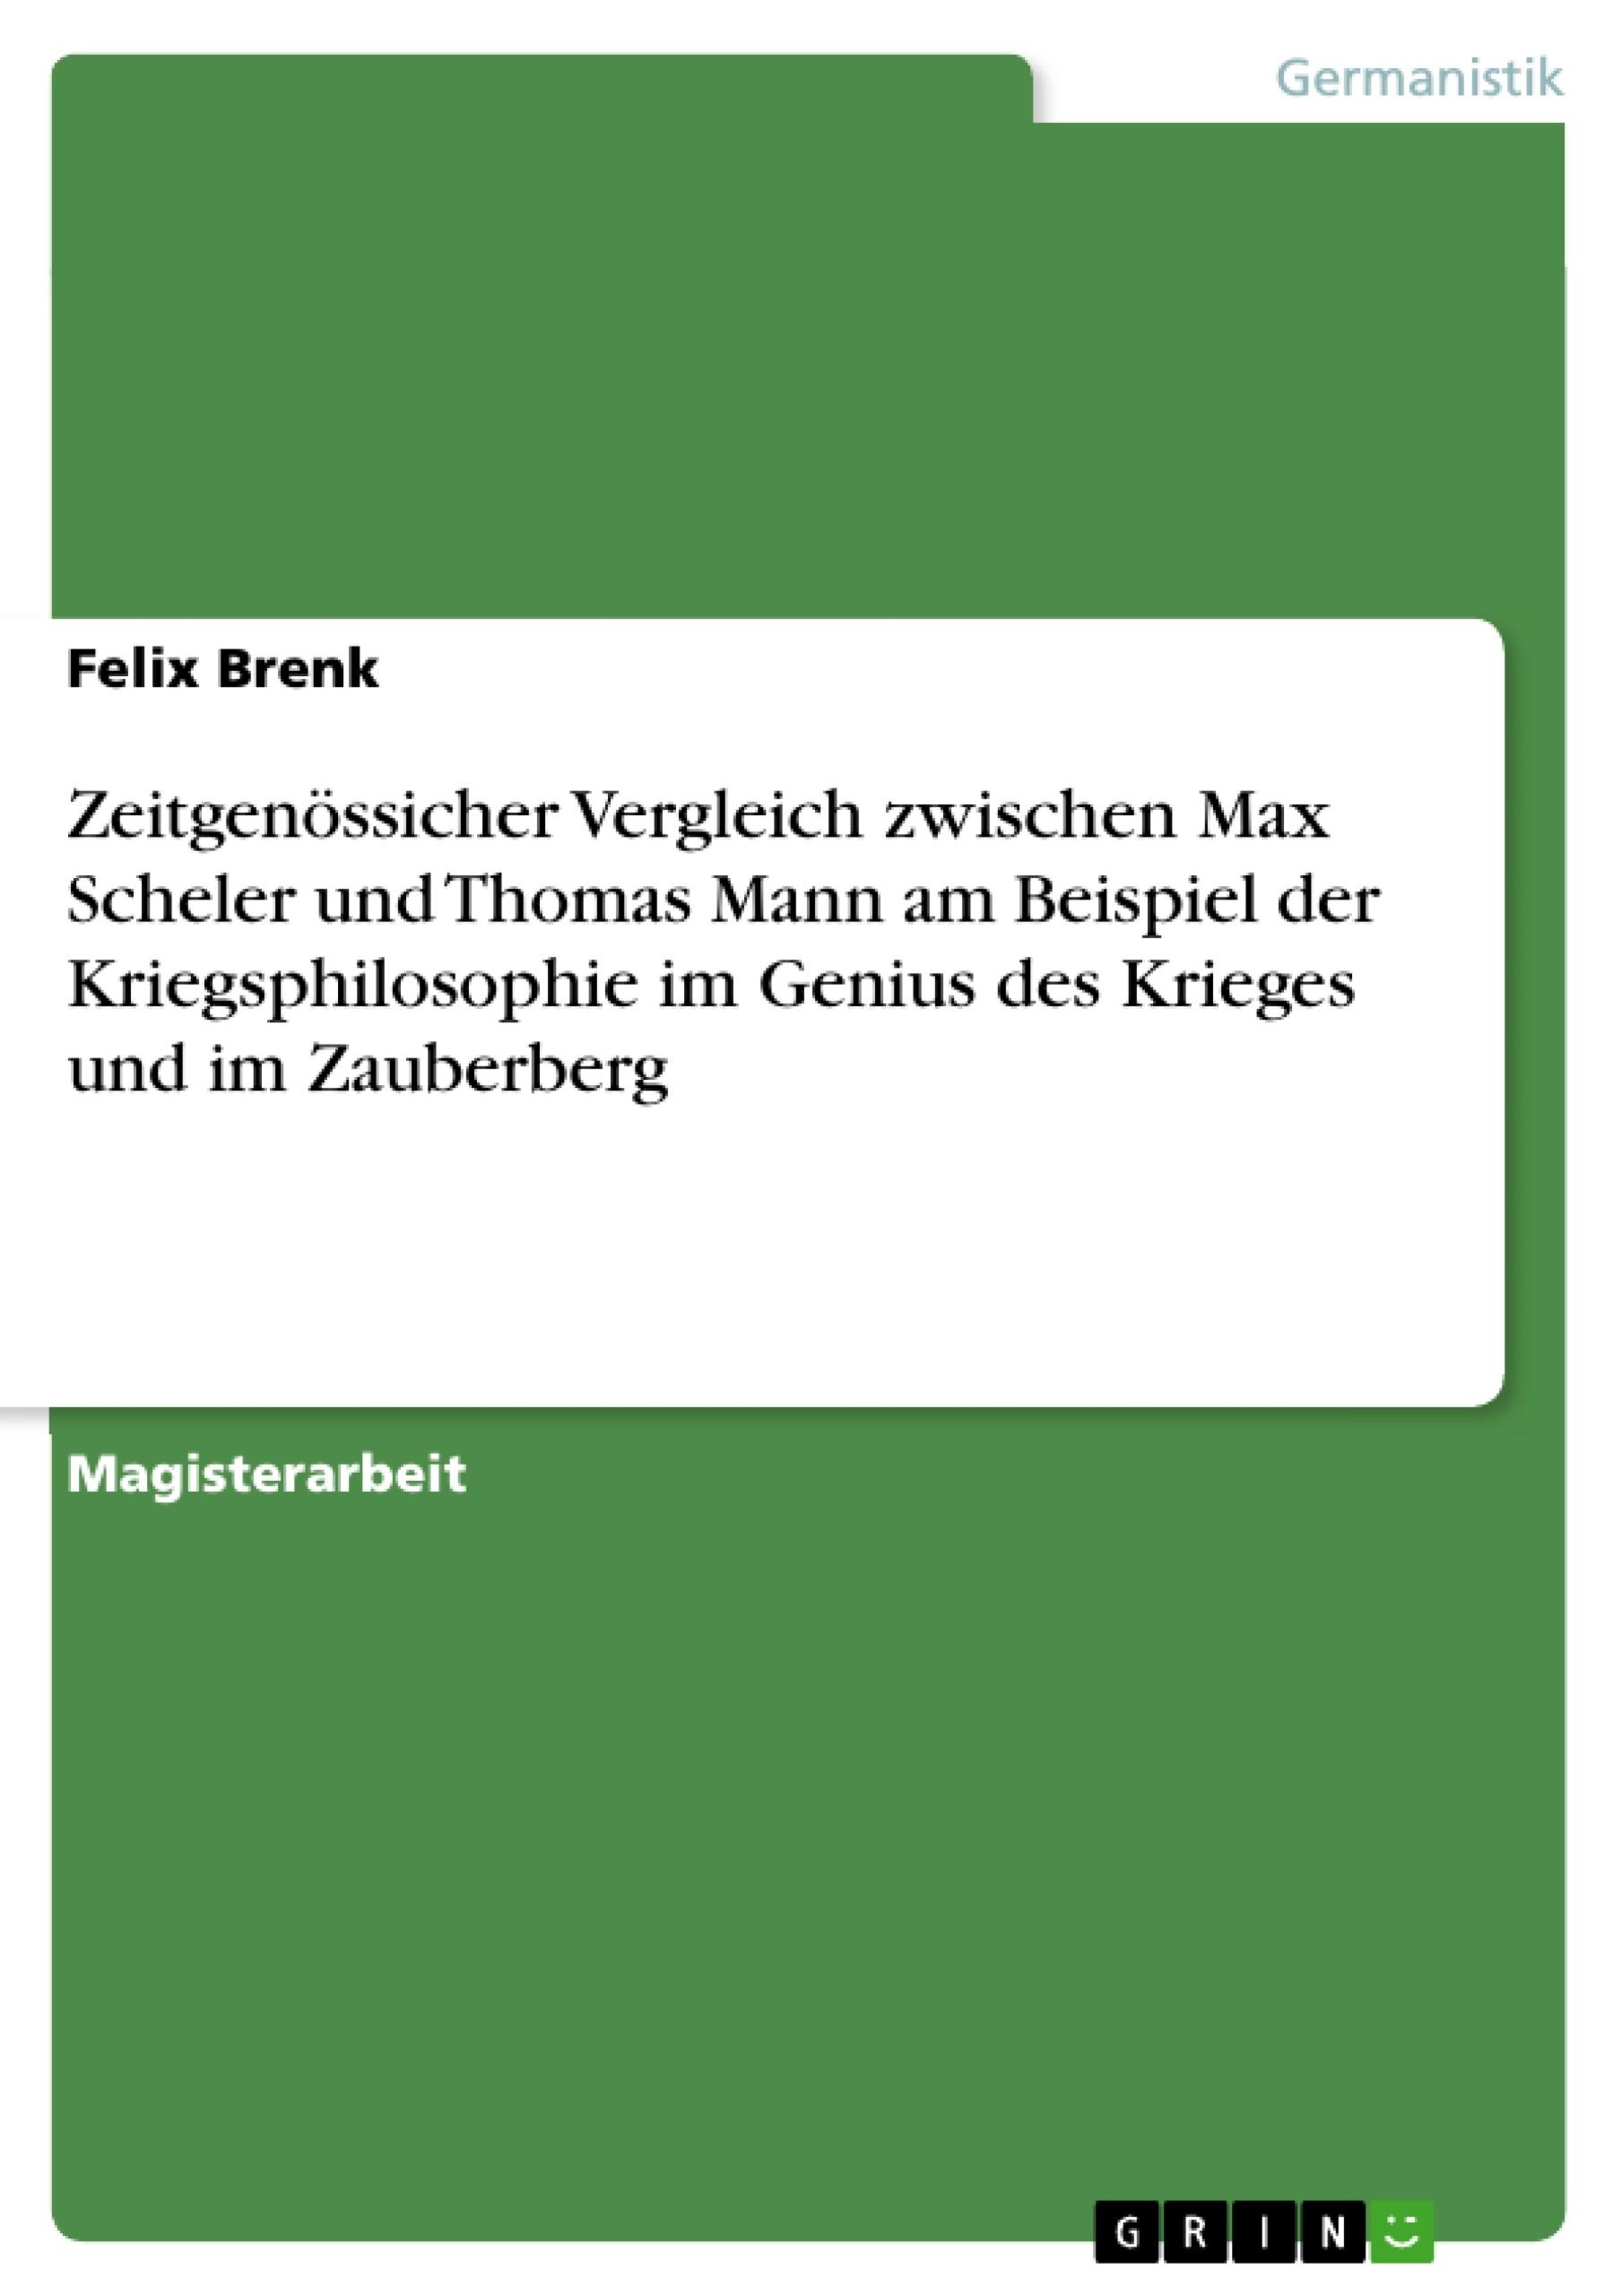 Titel: Zeitgenössicher Vergleich zwischen Max Scheler und Thomas Mann am Beispiel der Kriegsphilosophie im Genius des Krieges und im Zauberberg